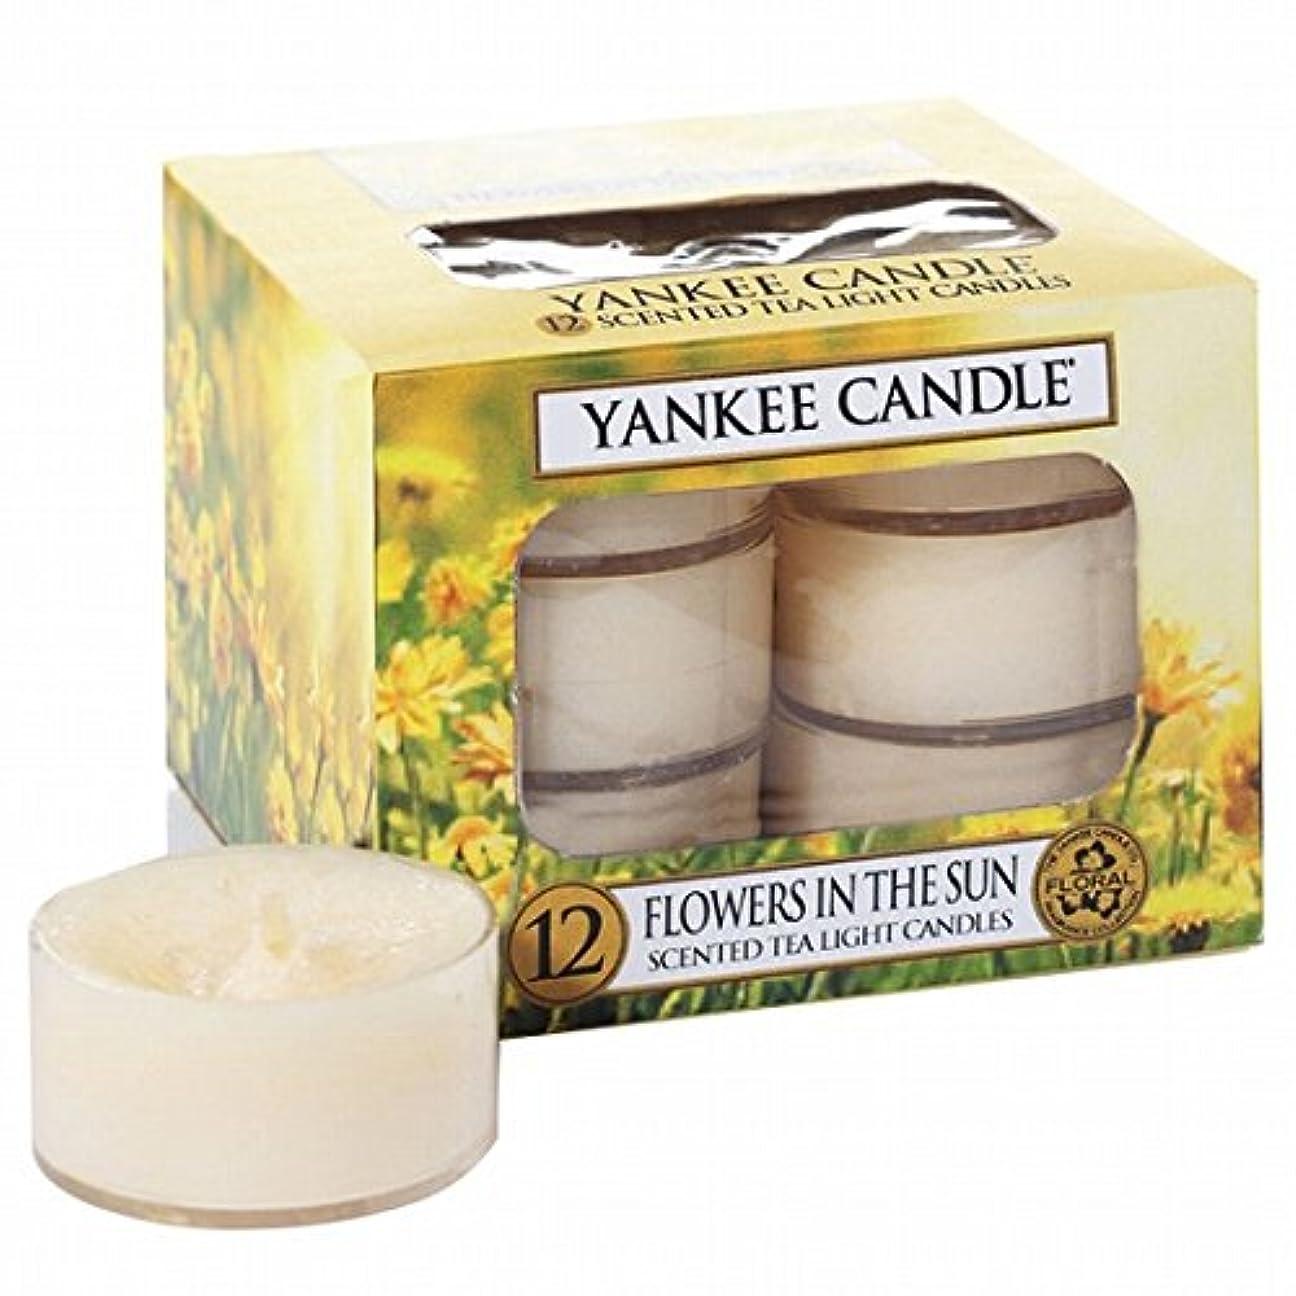 ヤンキーキャンドル( YANKEE CANDLE ) YANKEE CANDLE クリアカップティーライト12個入り 「フラワーインザサン」